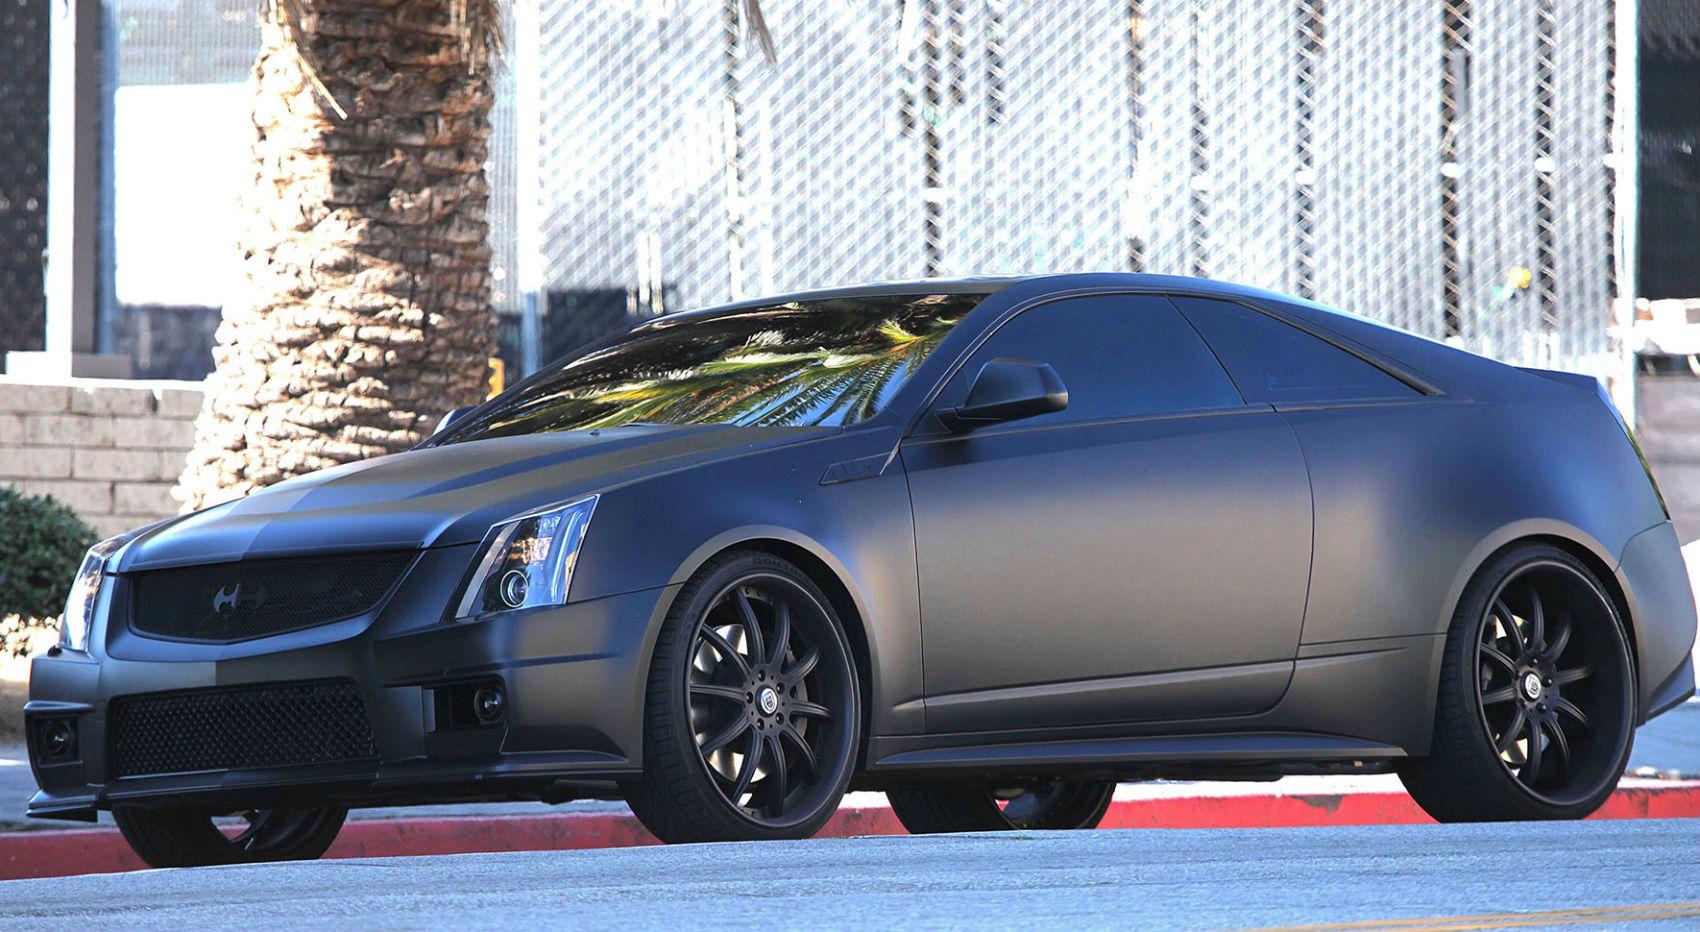 Justin Bieber Cadillac CTS-V 1